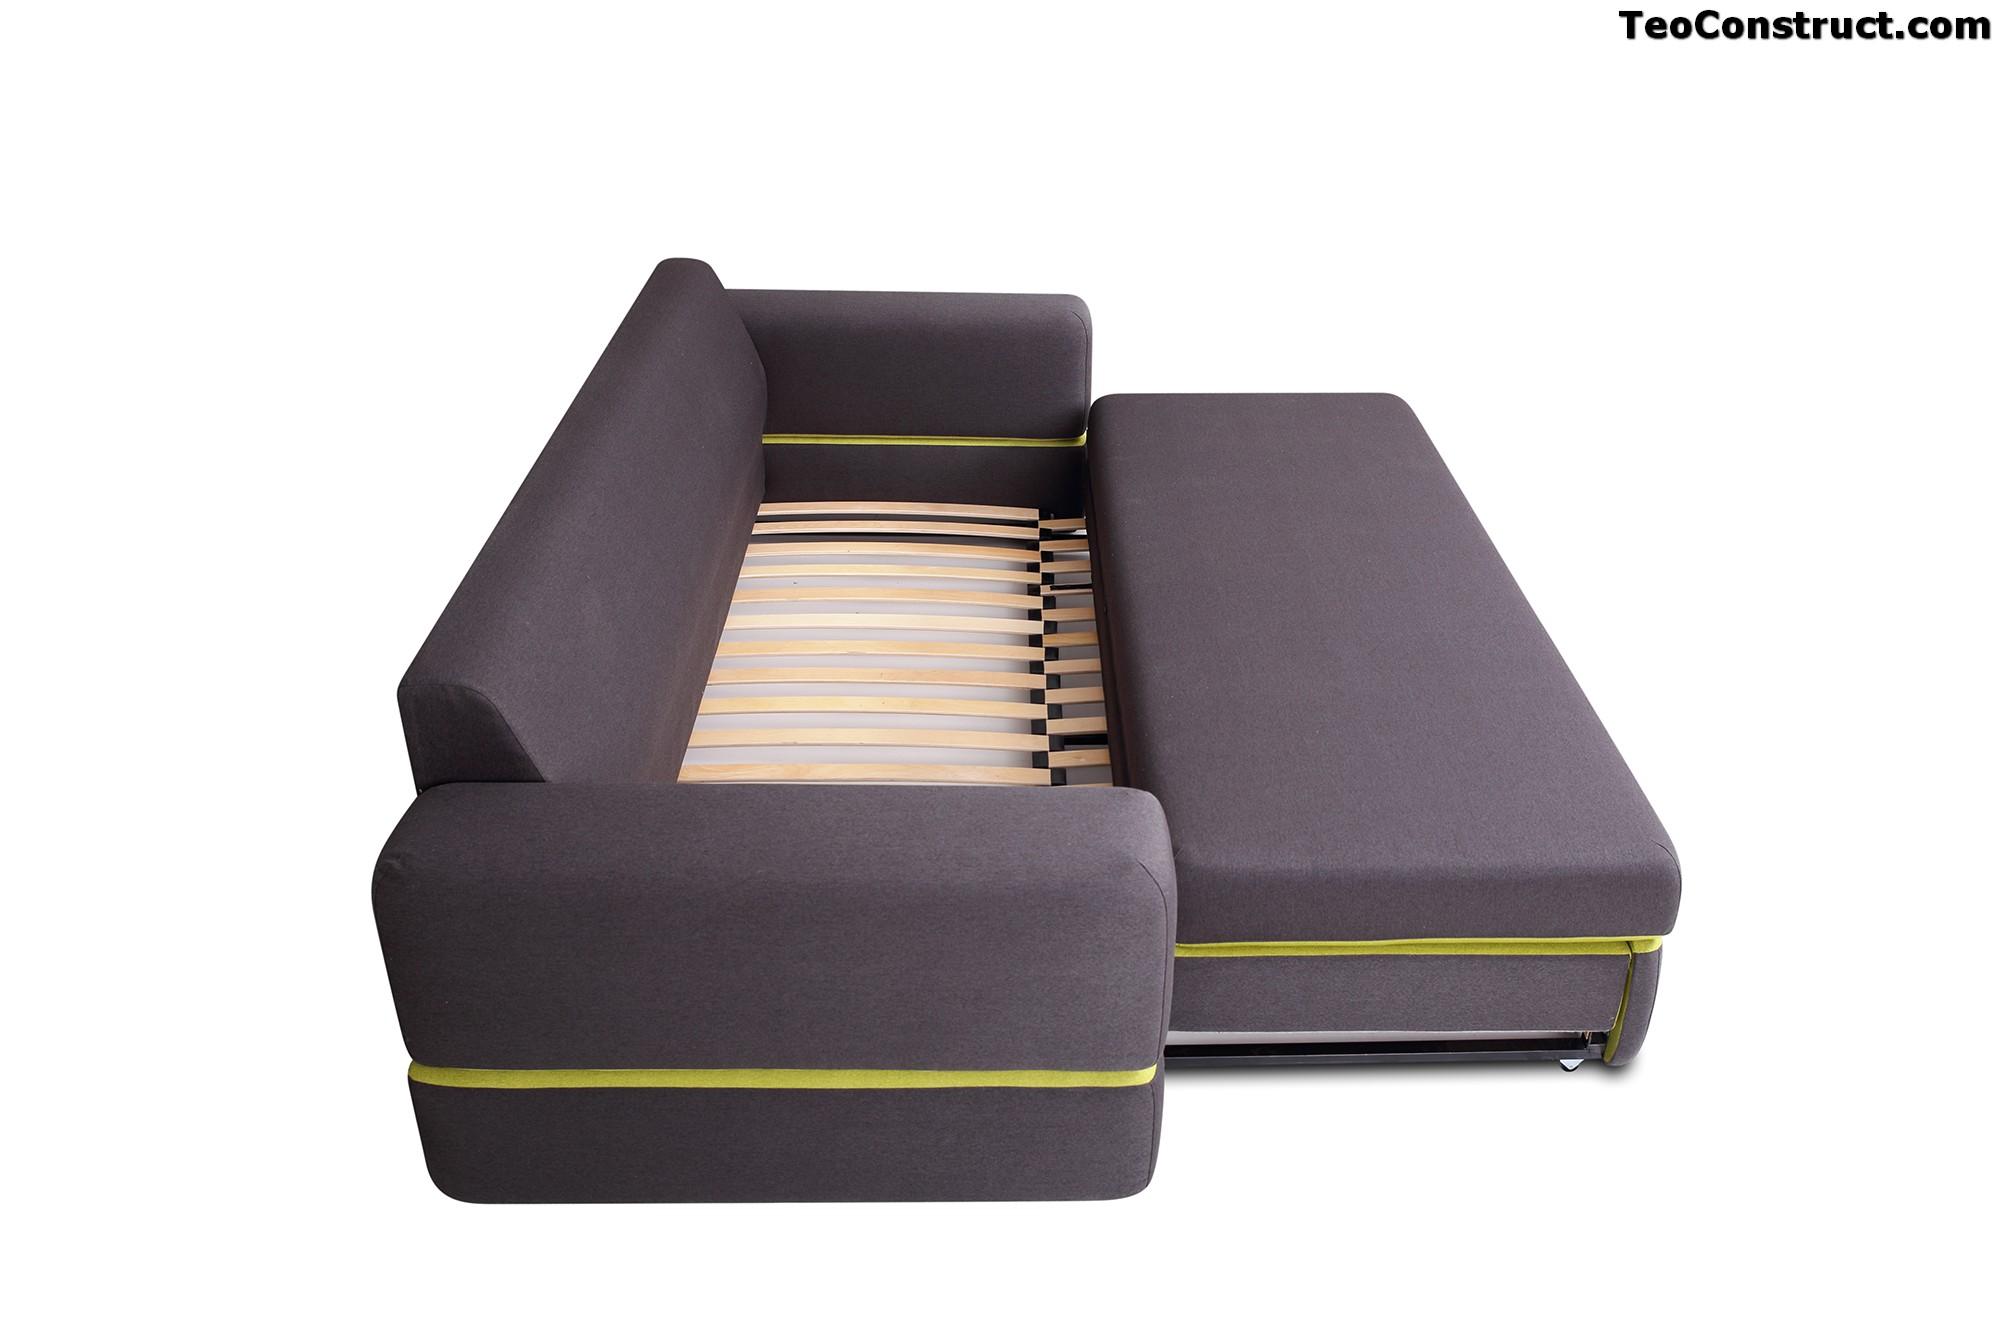 Canapea Open de calitate superioare11